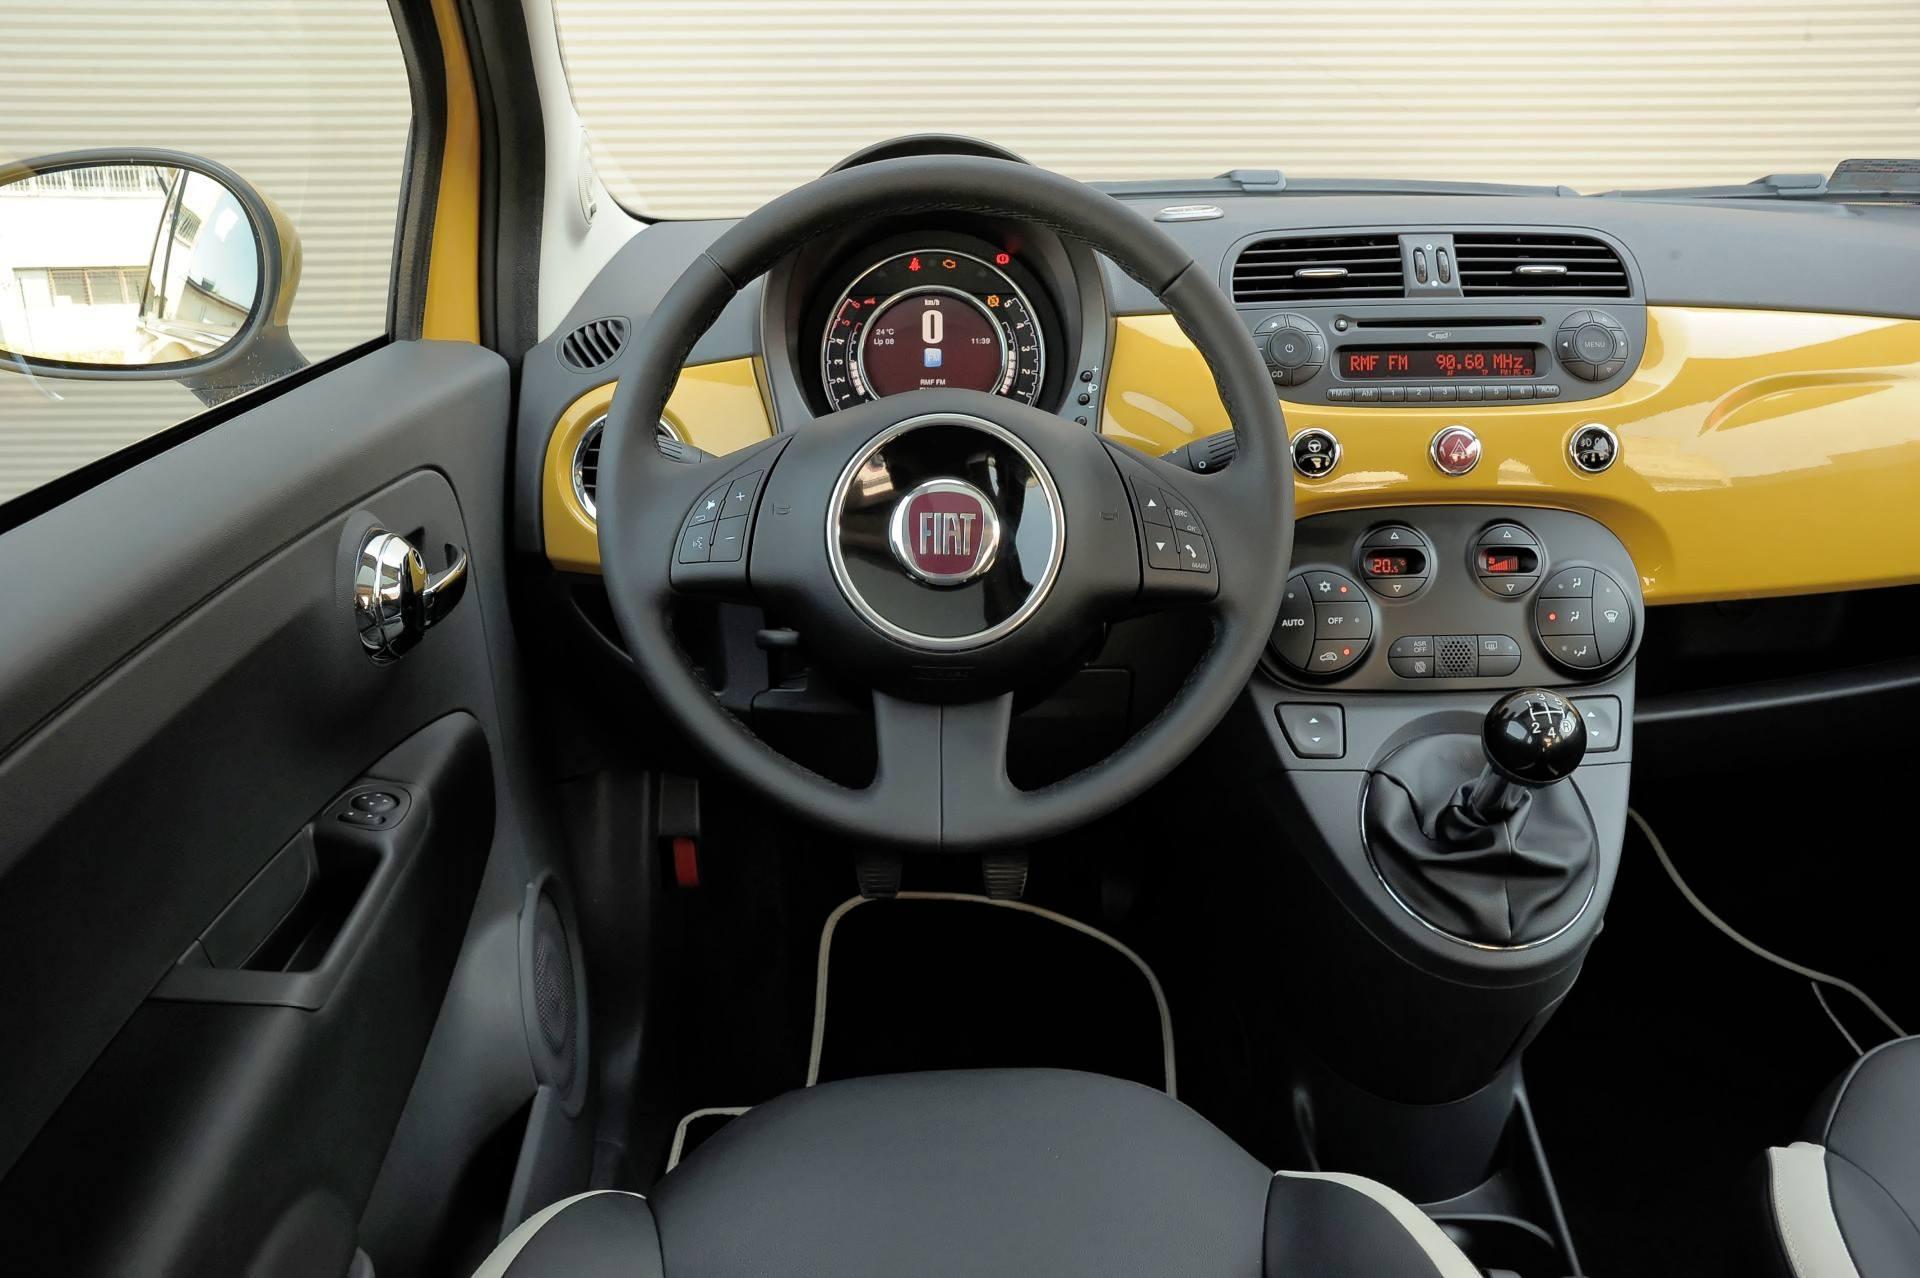 Ogromny Używany Fiat 500 – opinie kierowców, typowe usterki, wady i zalety BW82